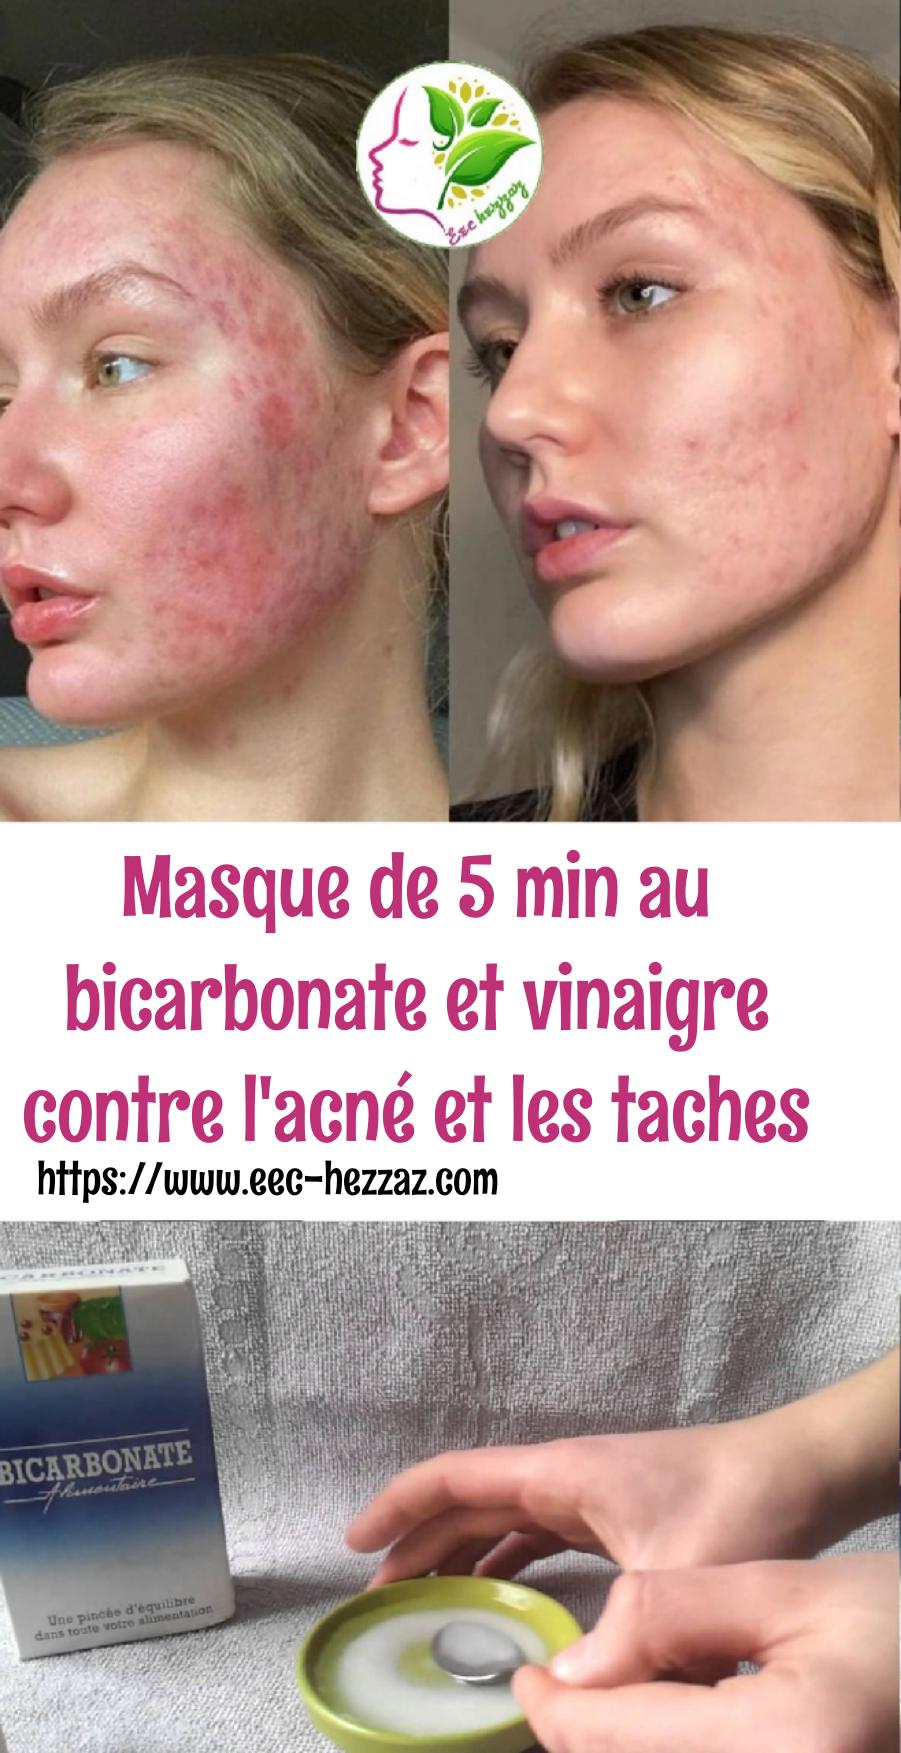 Masque de 5 min au bicarbonate et vinaigre contre l'acné et les taches